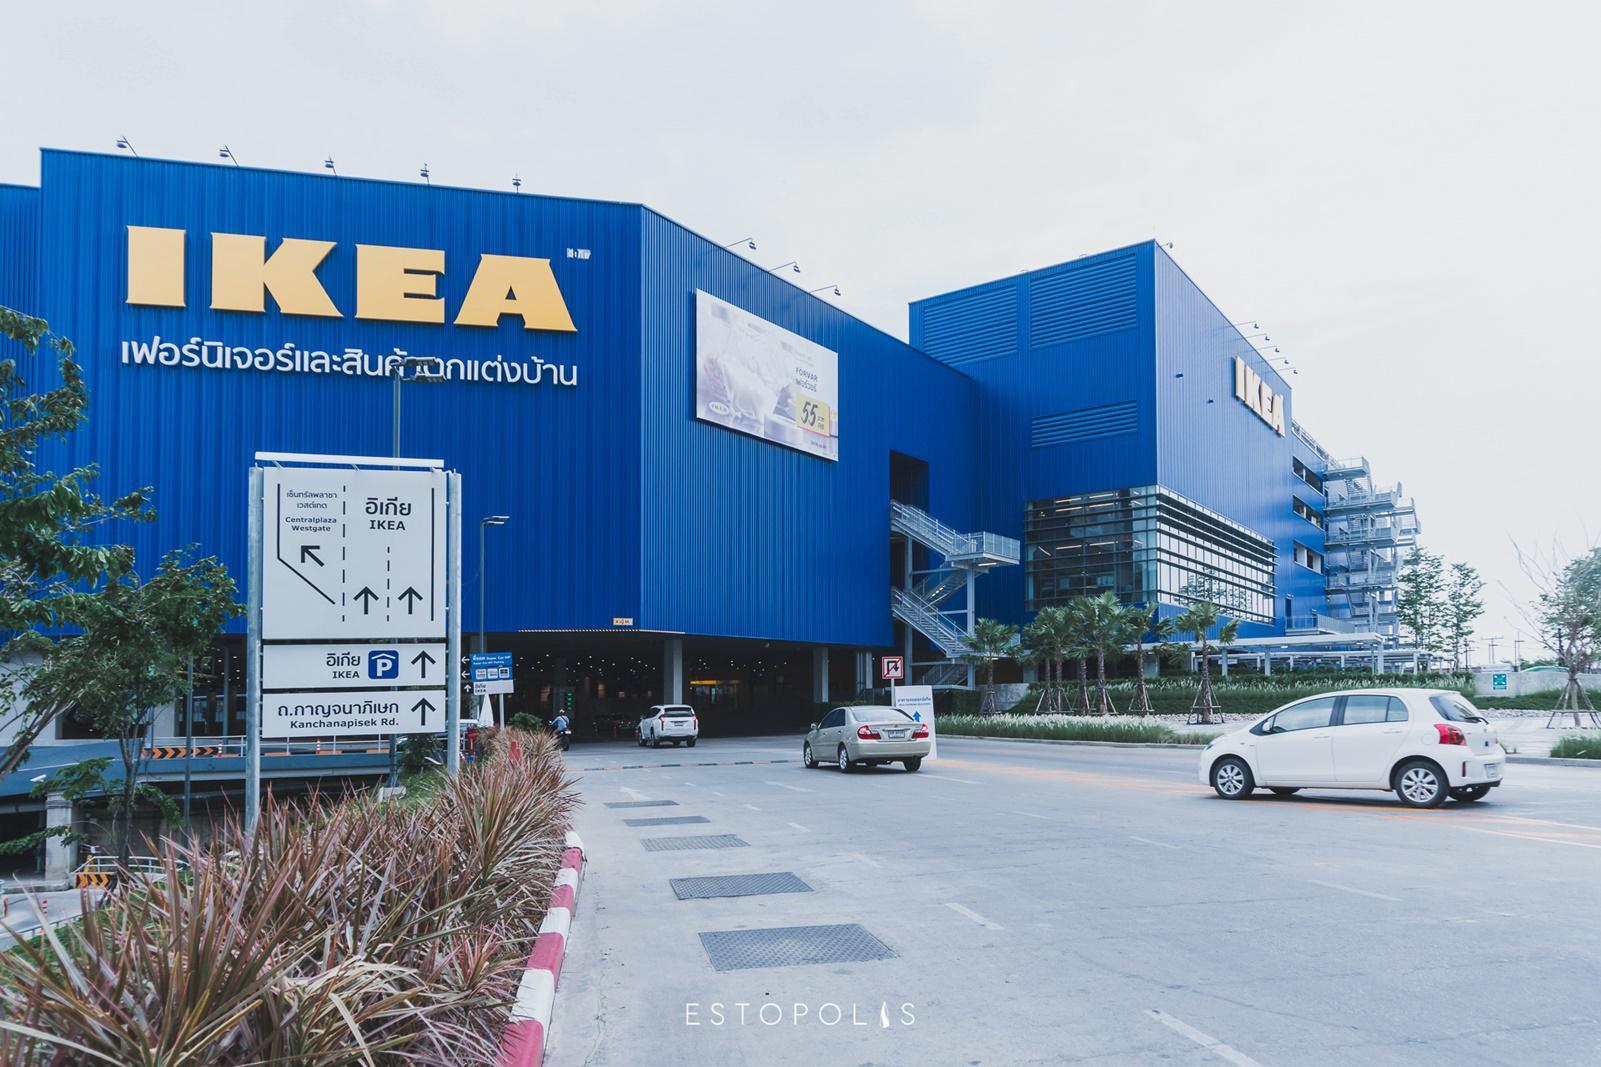 รูปบทความ รีวิว อิเกีย บางใหญ่ อยู่ตรงไหน ไปยังไง เปิดแผนที่ช็อปแห่งใหม่ของ IKEA